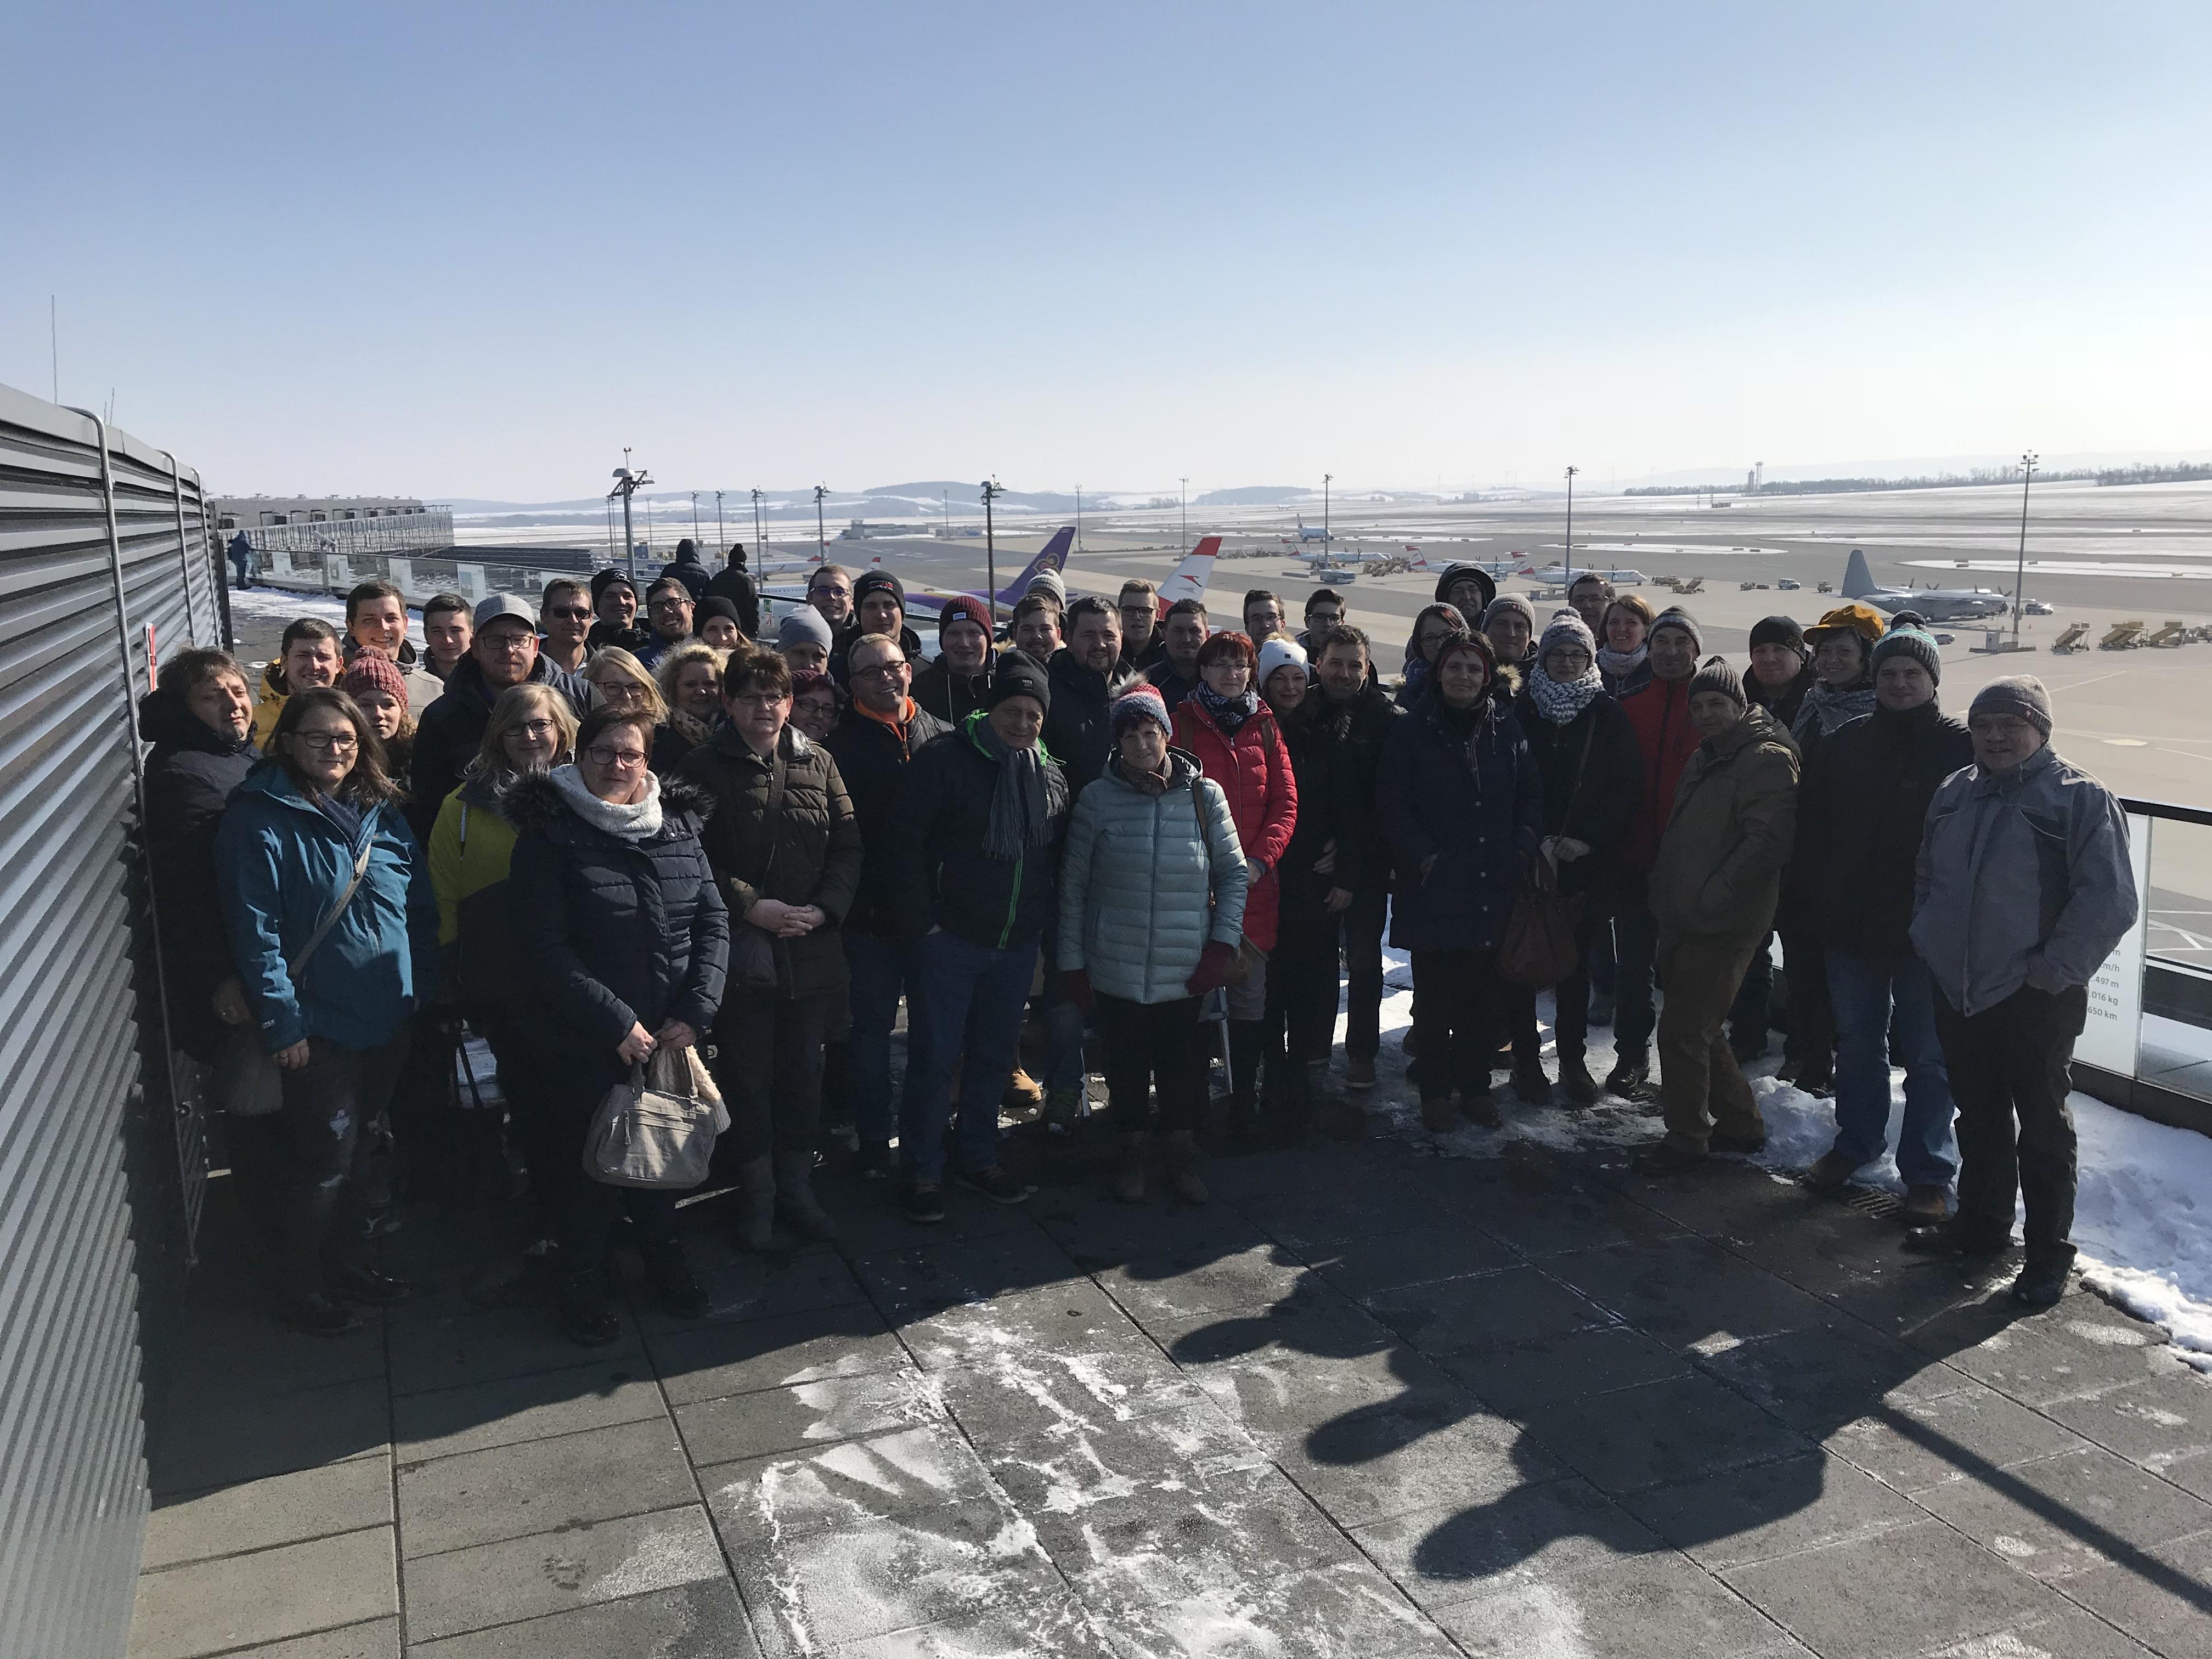 20180224_FF-Ausflug_Gruppenfoto_Flughafen